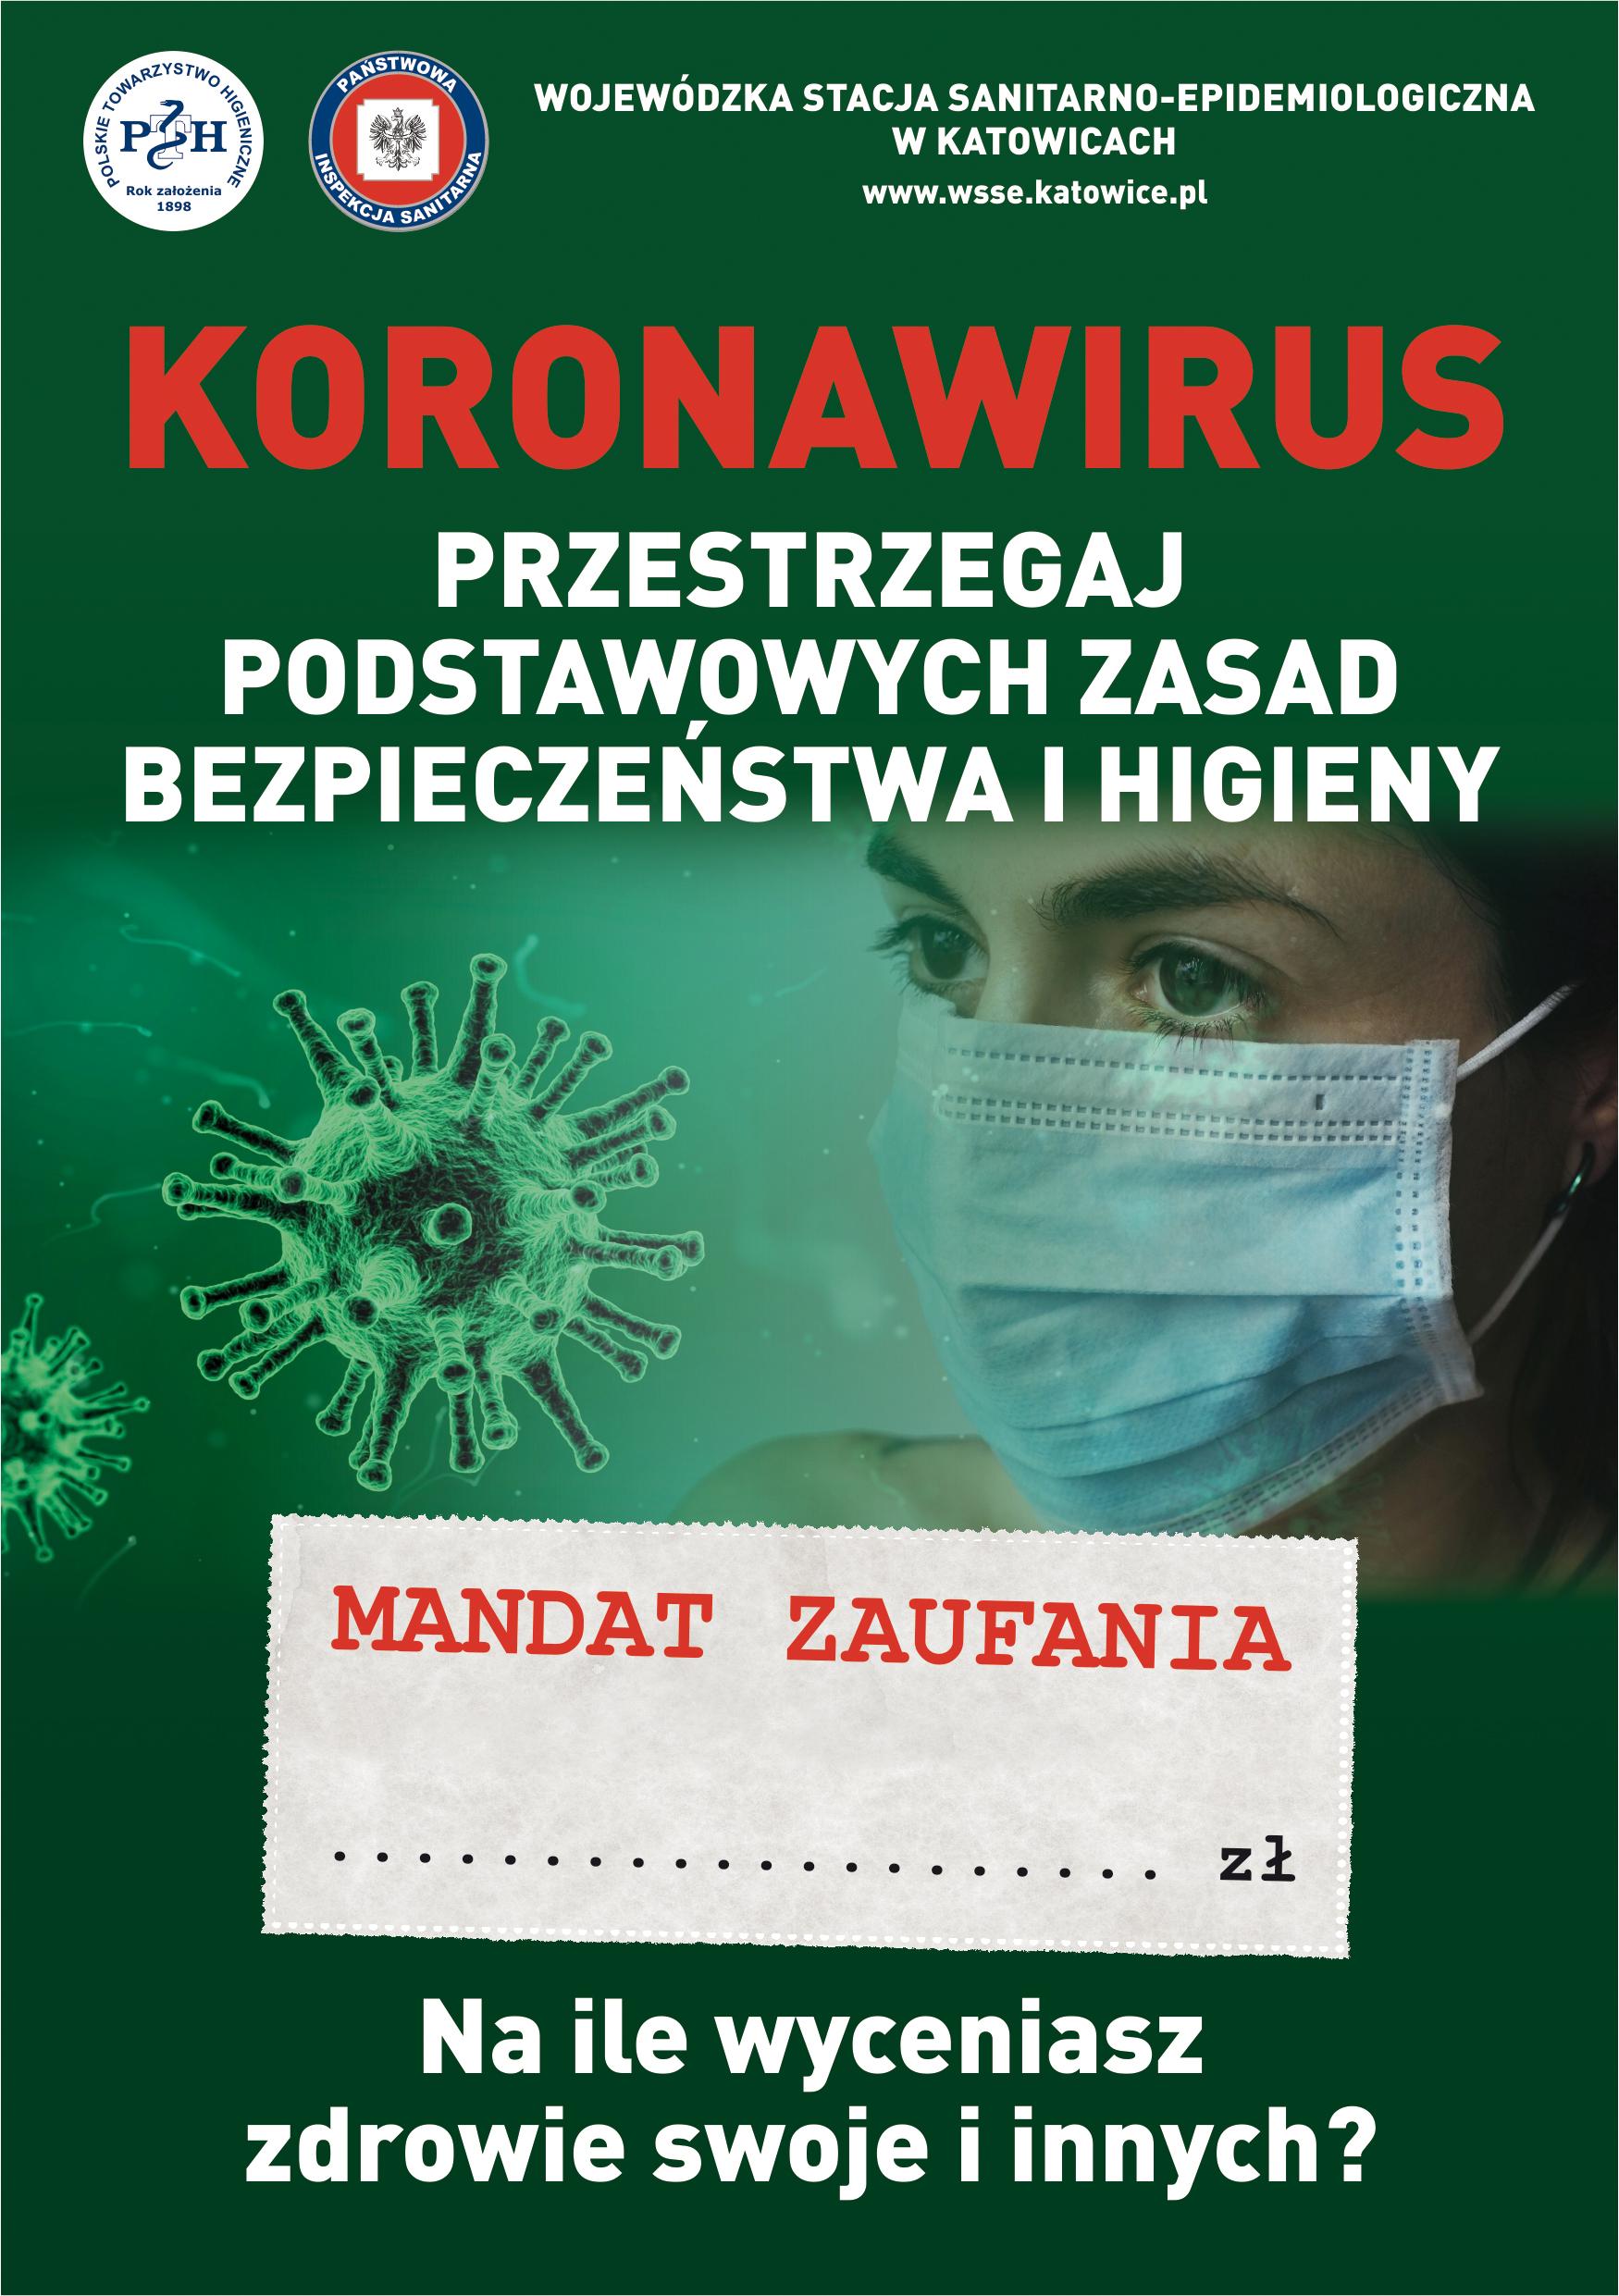 Ulotka informacyjna o koronawirusie udostępniona przez Powiatową Stację Sanitarno - Epidemiologiczną w Jaworznie: